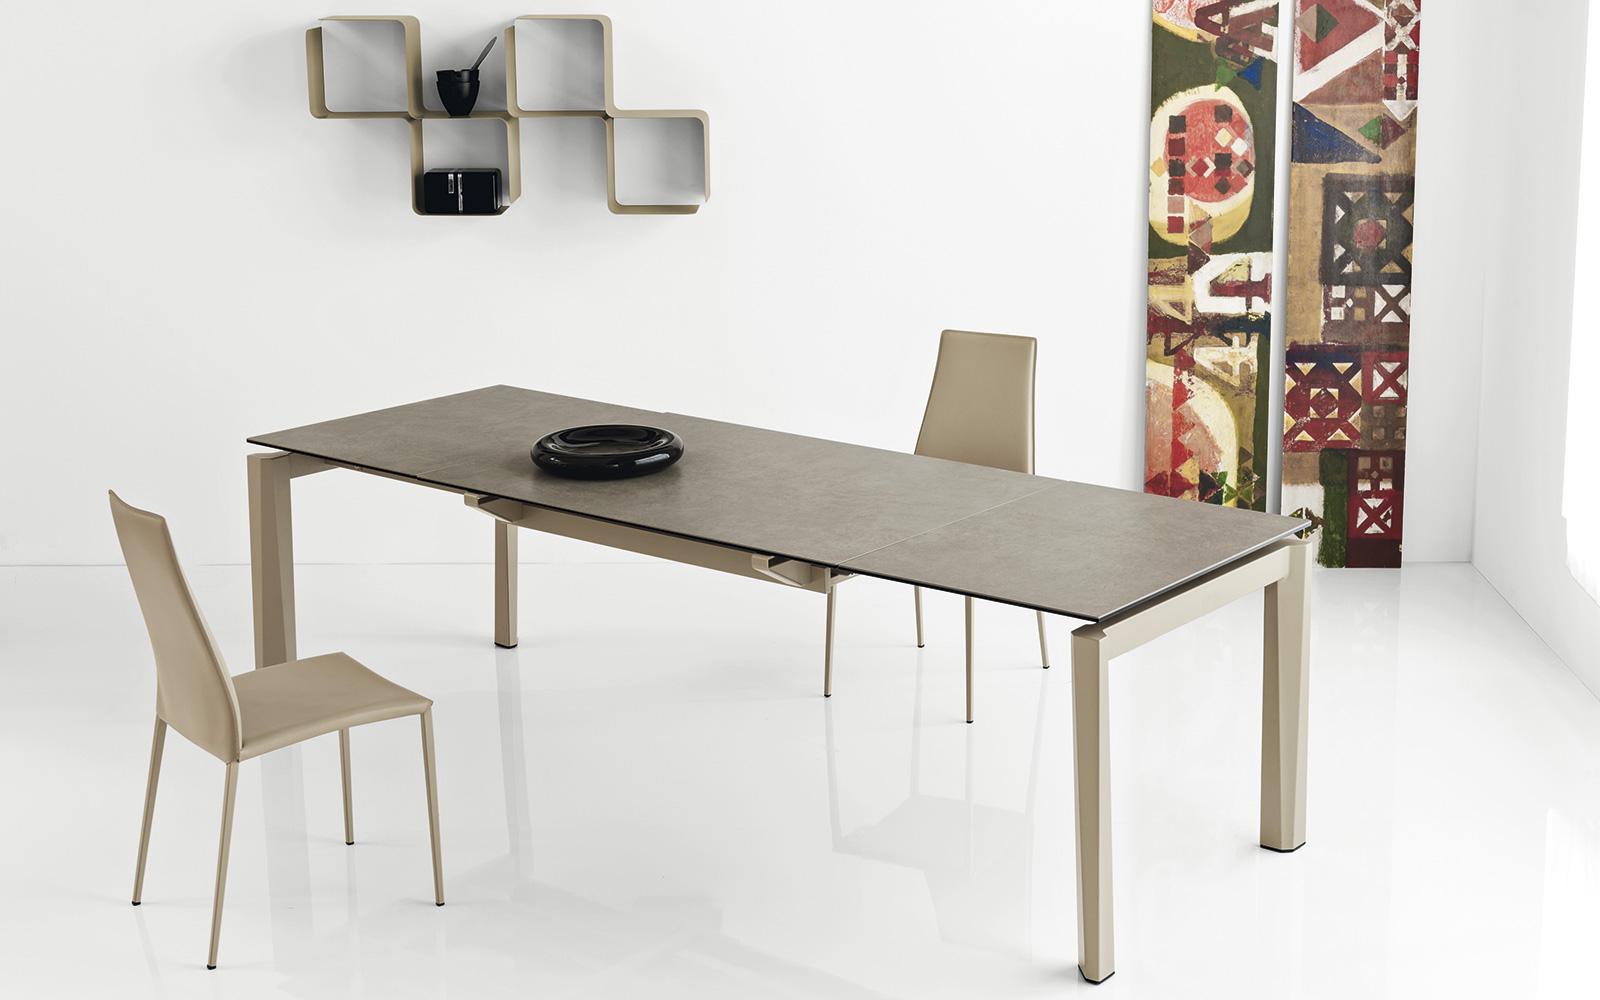 Tavolo calligaris esteso piano ceramica for Offerte tavoli calligaris